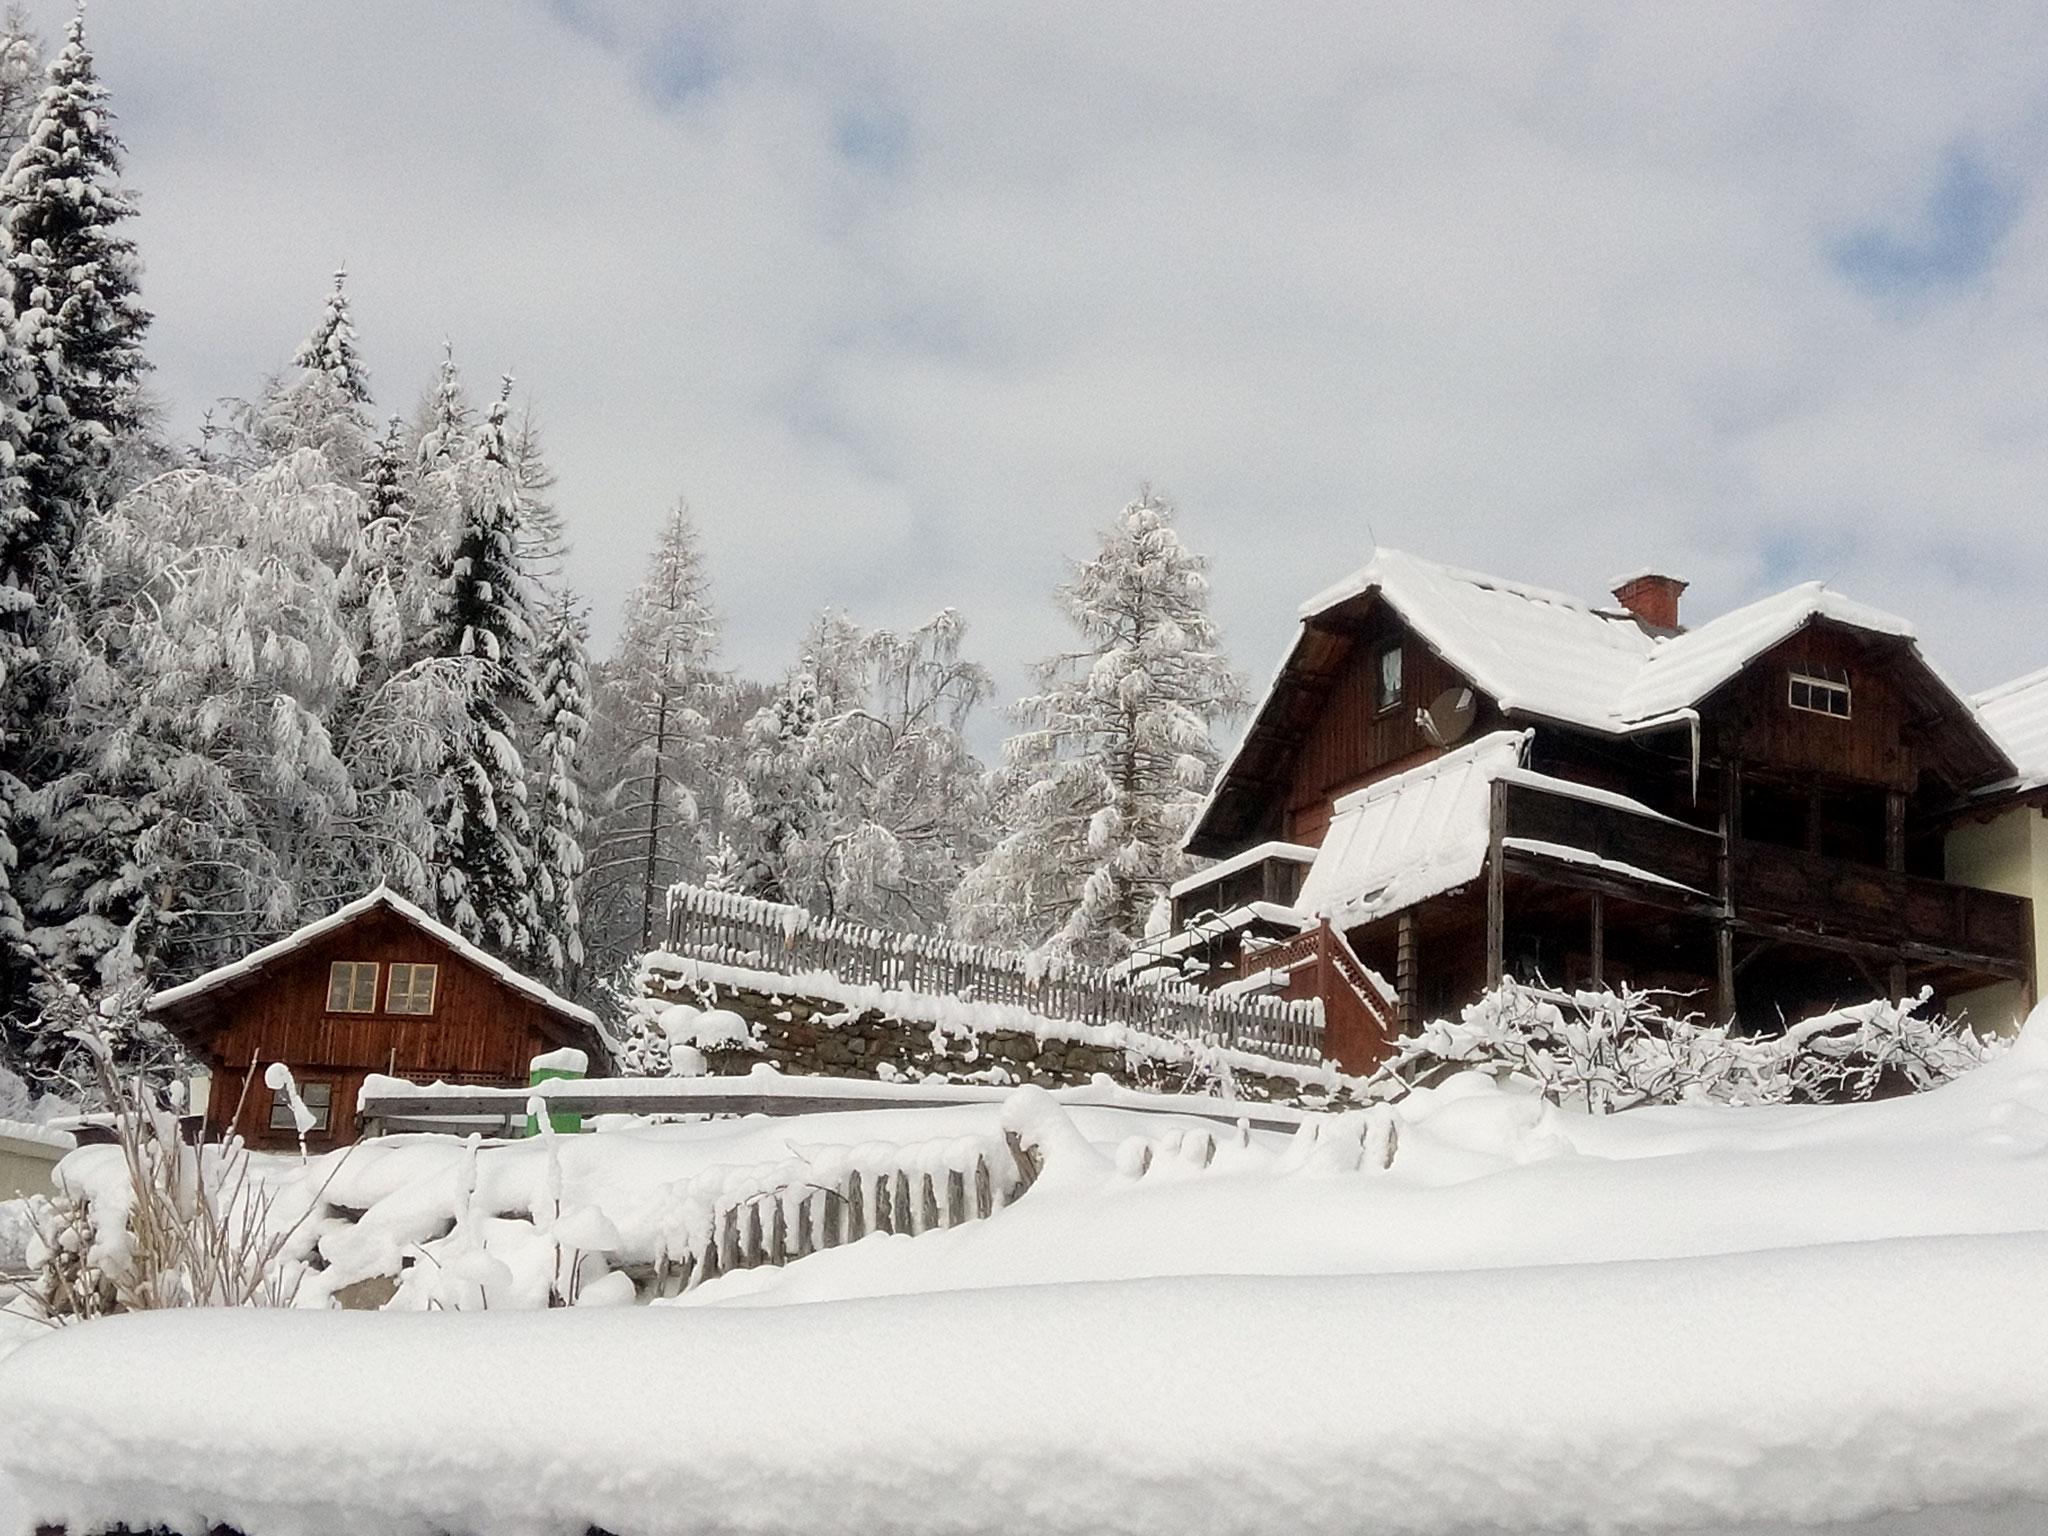 Gästehaus Poppel, mitten im Wintervergnügen